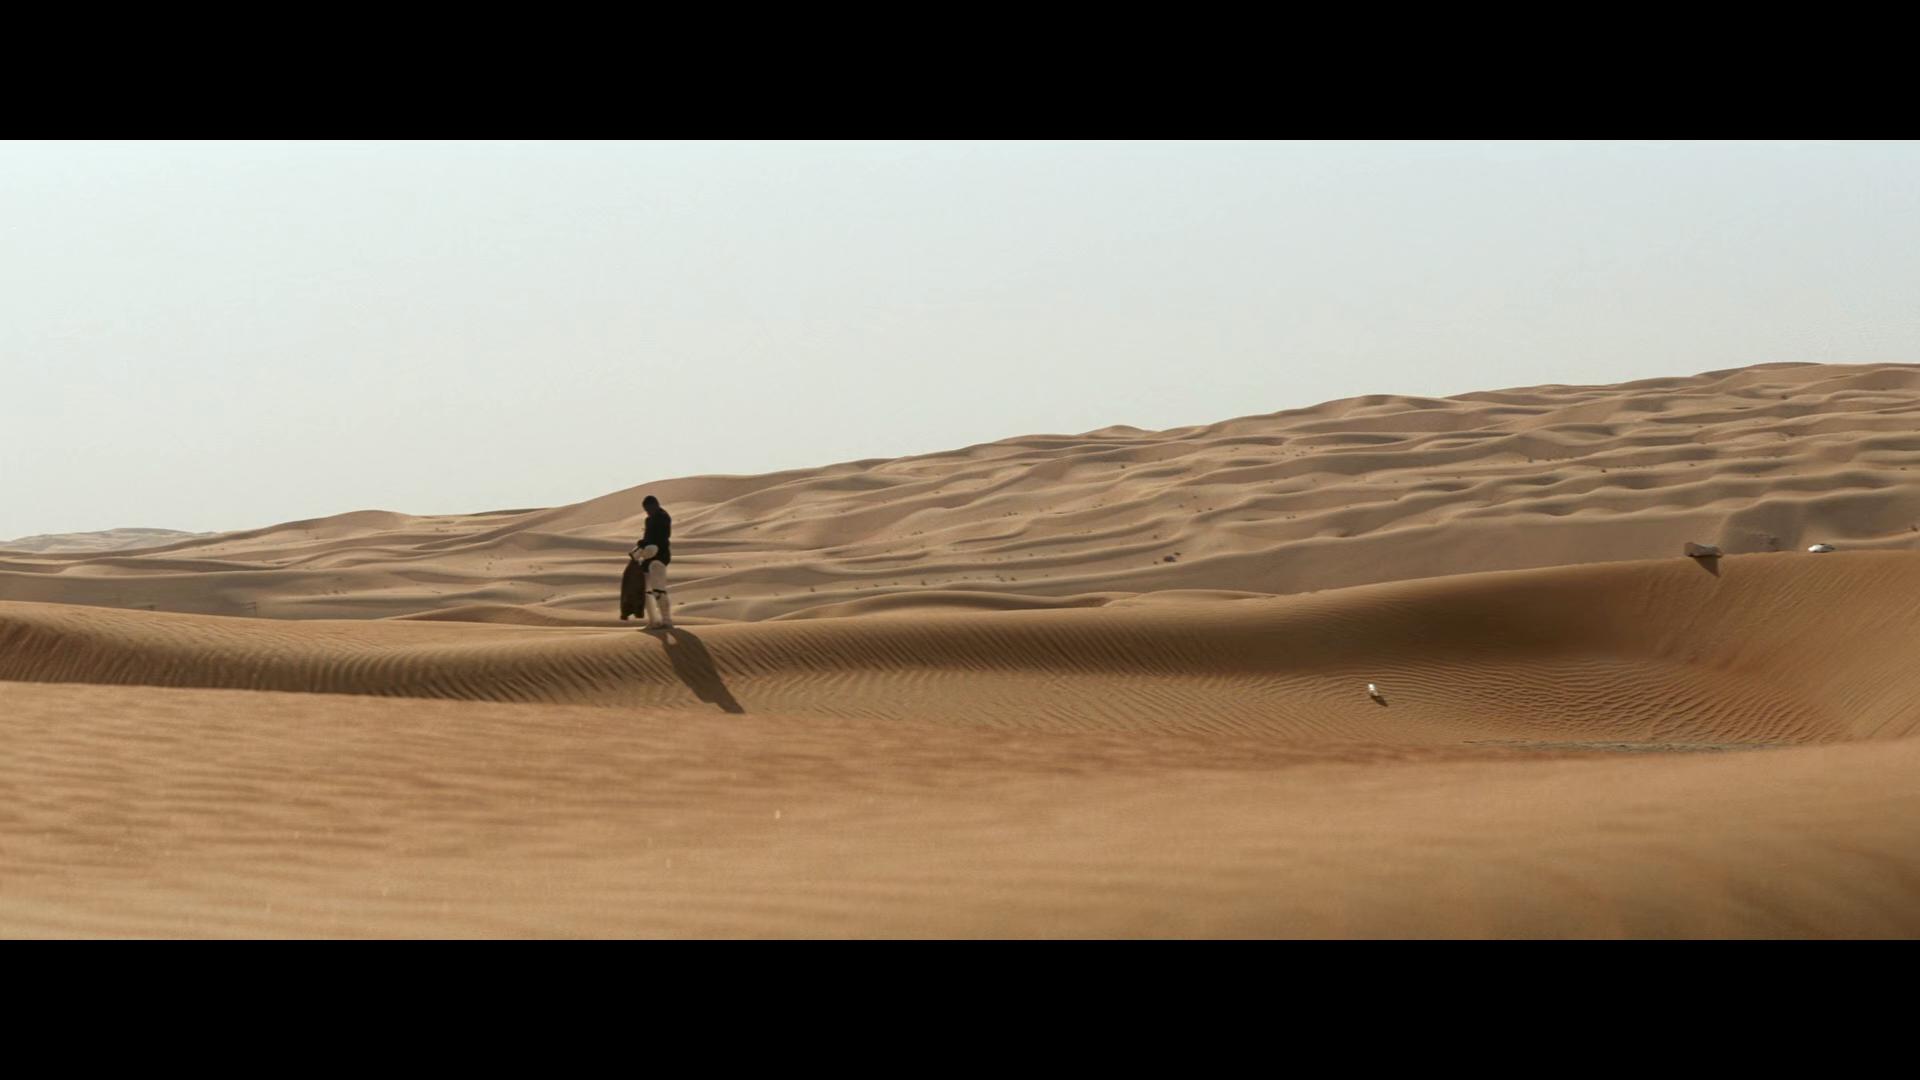 Captura de Star Wars: El Despertar de la Fuerza (2015) 1080p x265 HEVC Latino – Inglés